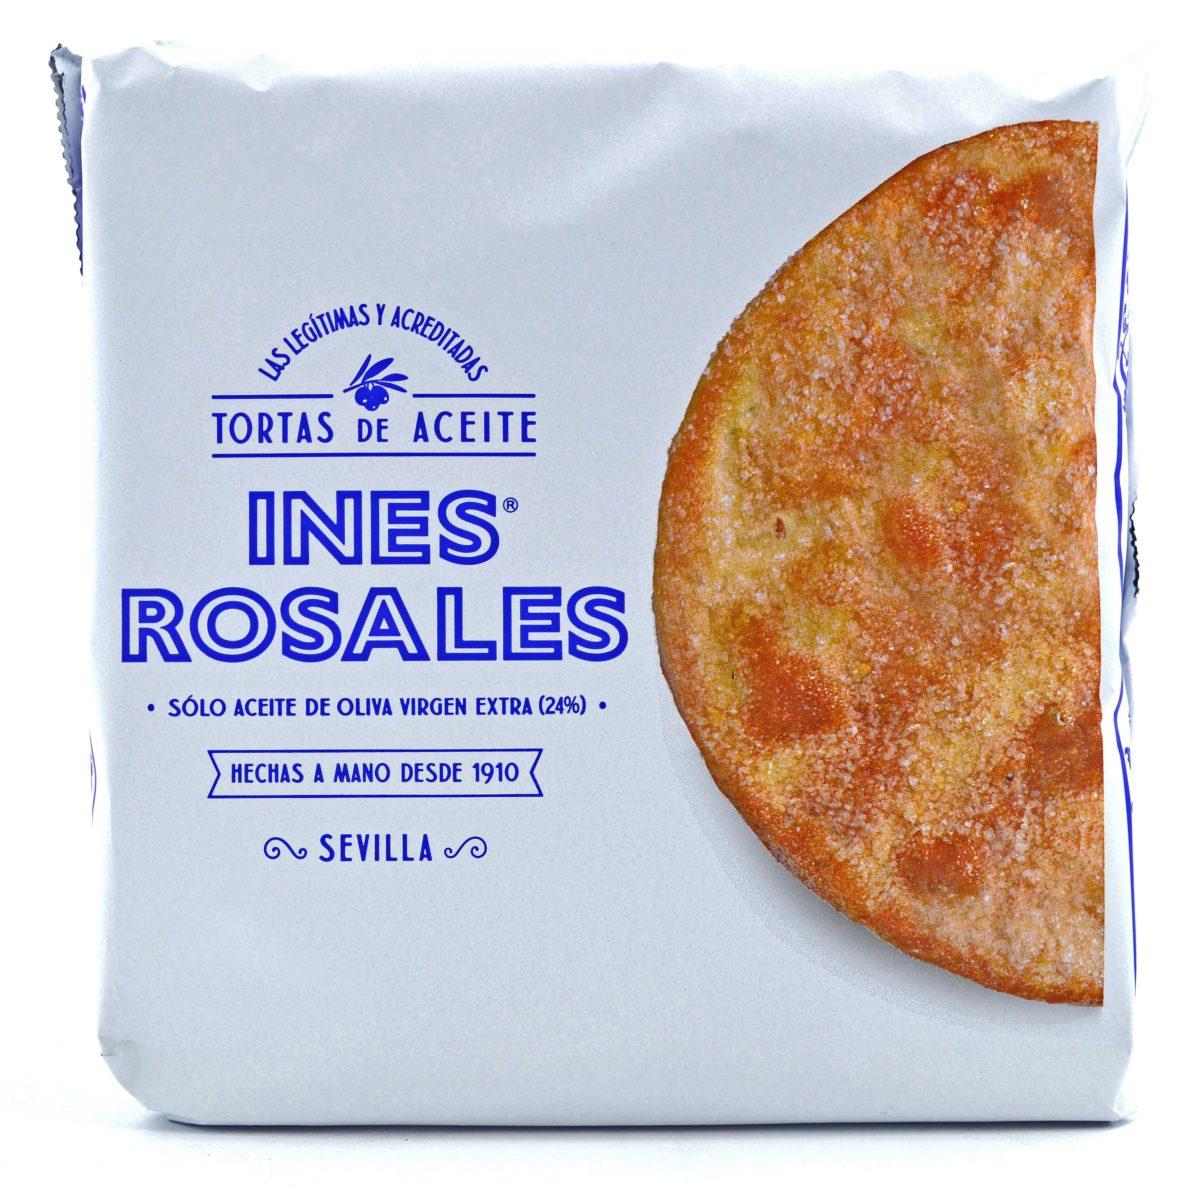 Tortas De Aceite Ines Rosales Knapperige Spaanse Koeken Pacomer Traiteur